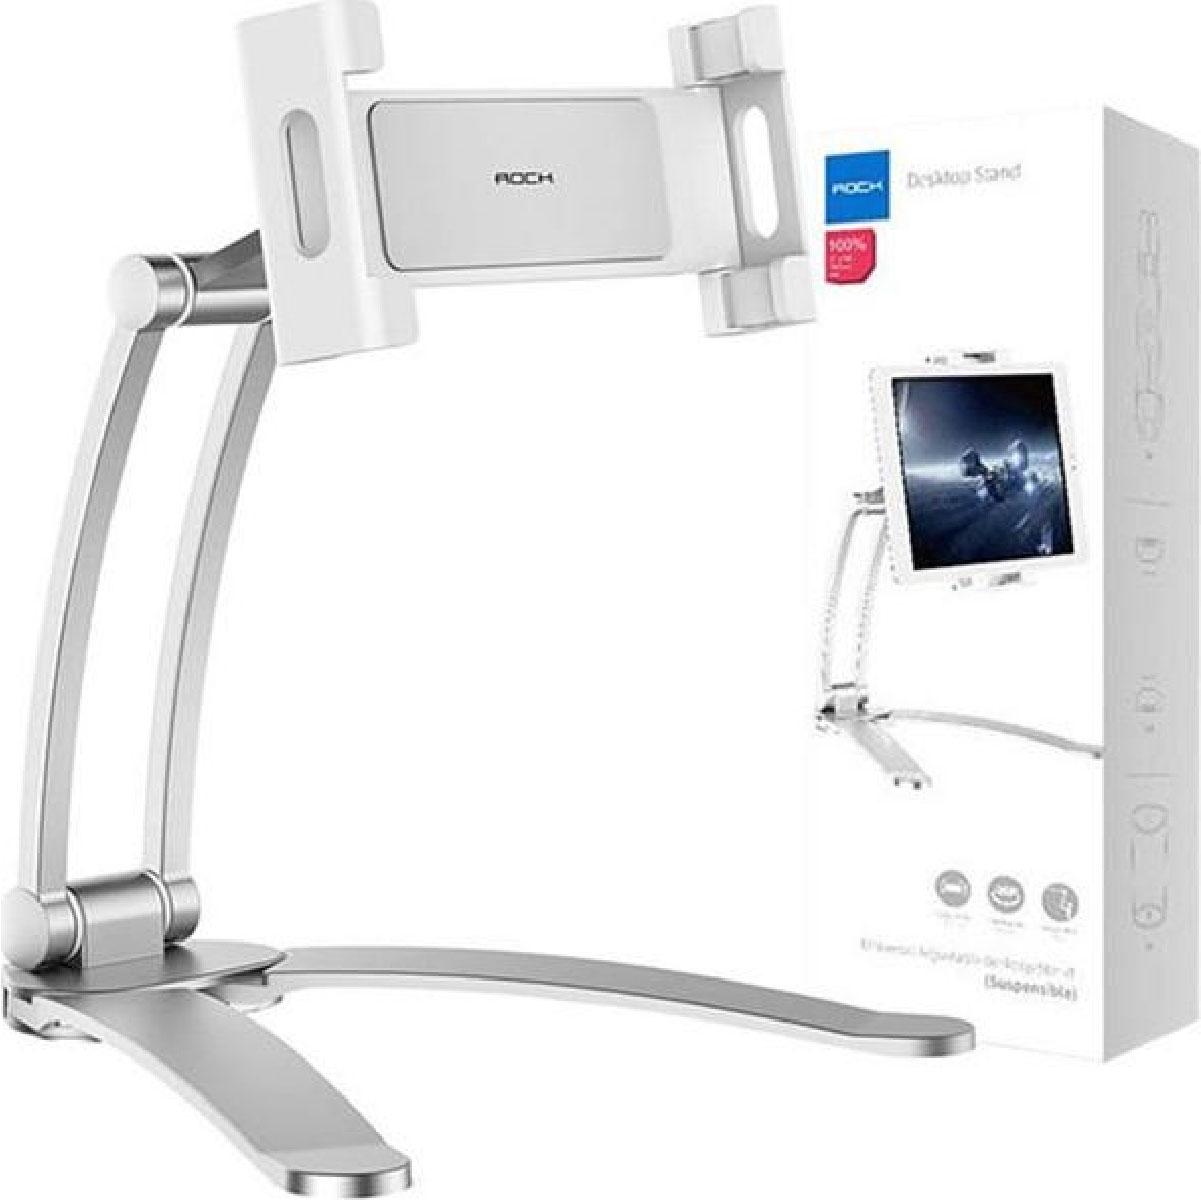 Suporte de Mesa Ajustável para Tablet & Smartphones ROCK 10.5 Polegadas